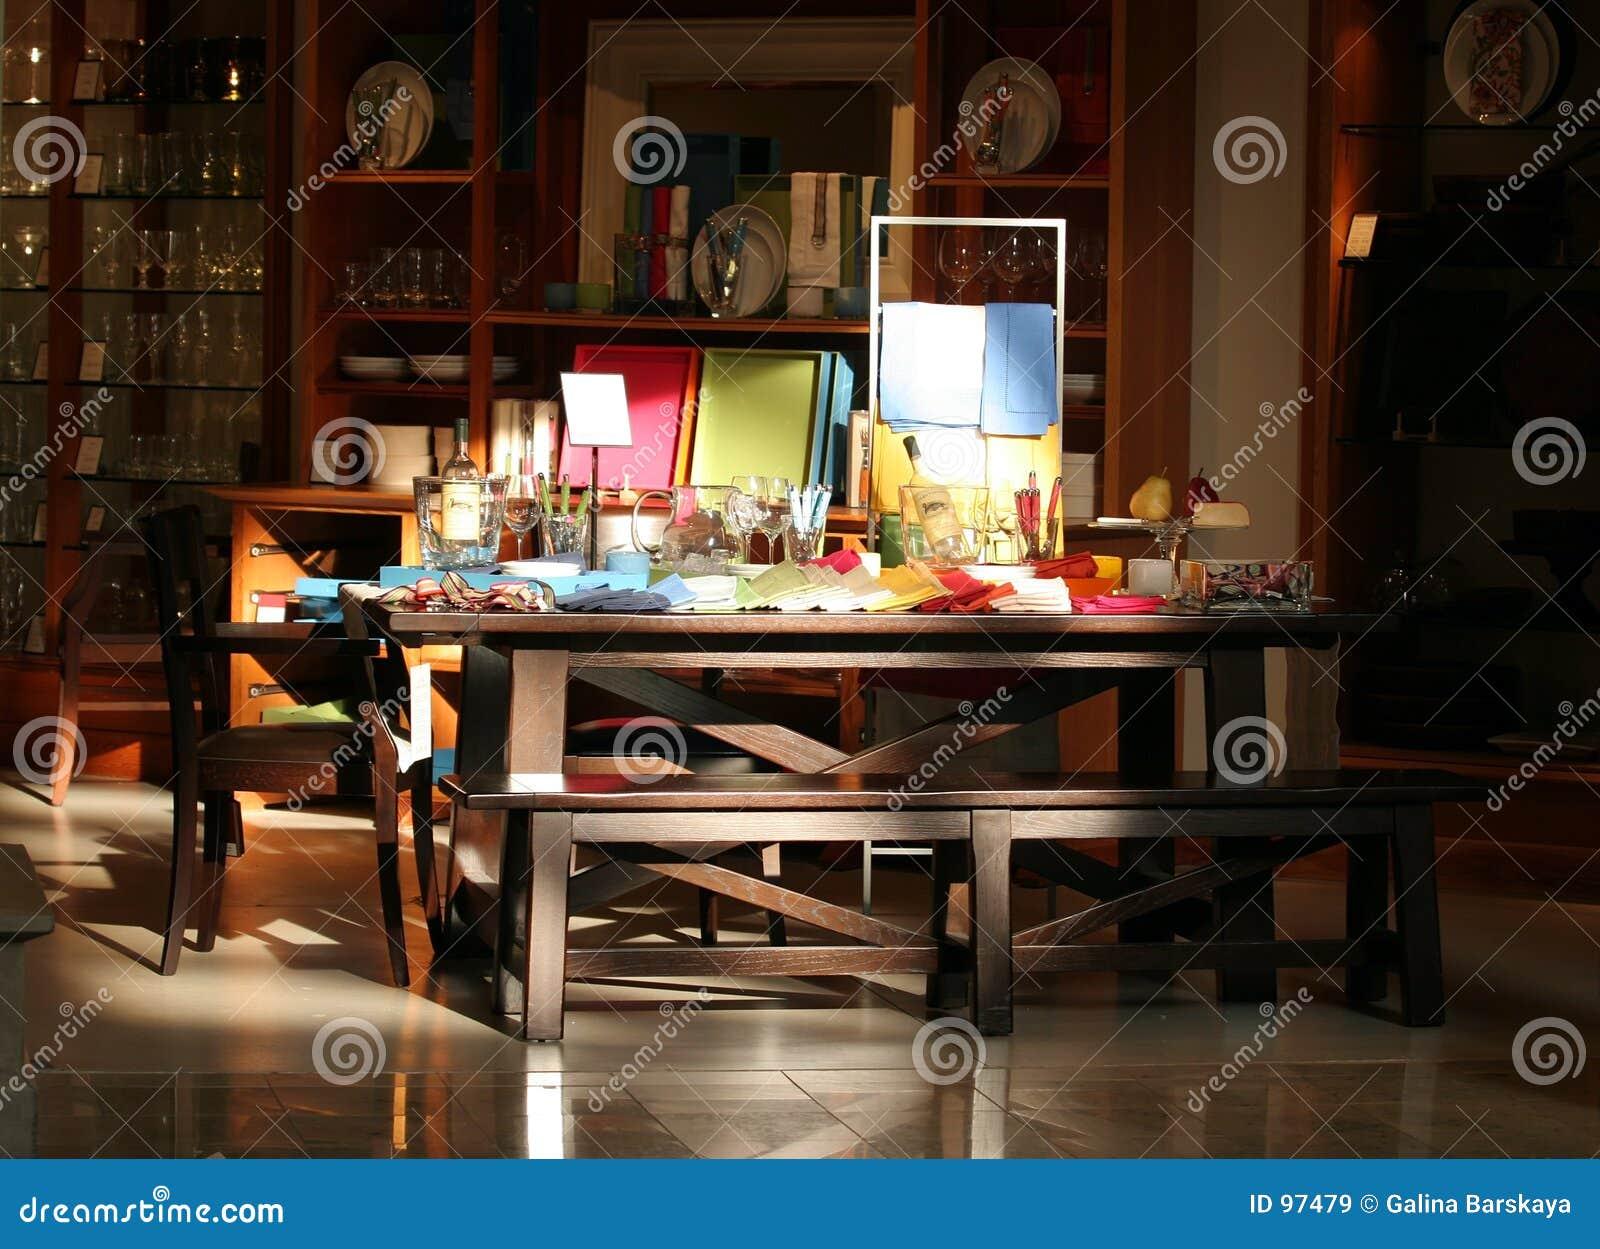 Table dinante